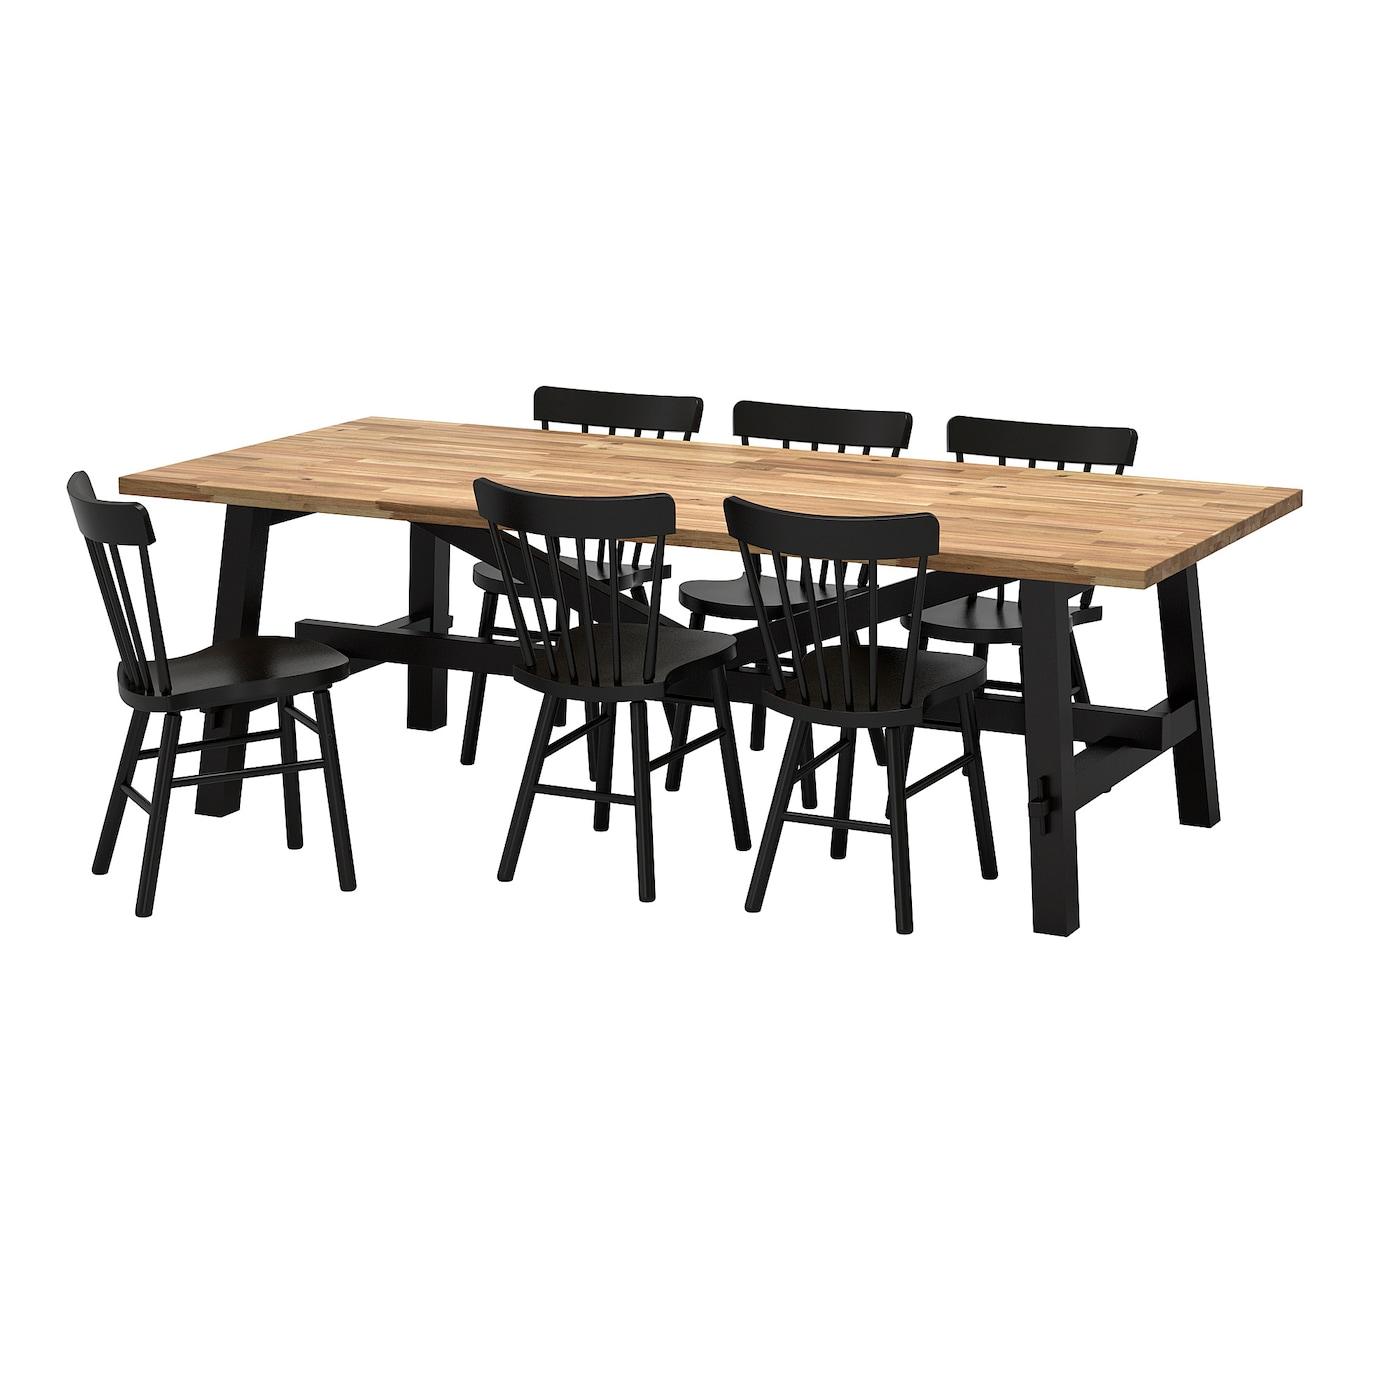 SKOGSTA / NORRARYD, Tisch und 6 Stühle, Akazie, schwarz 192.461.44